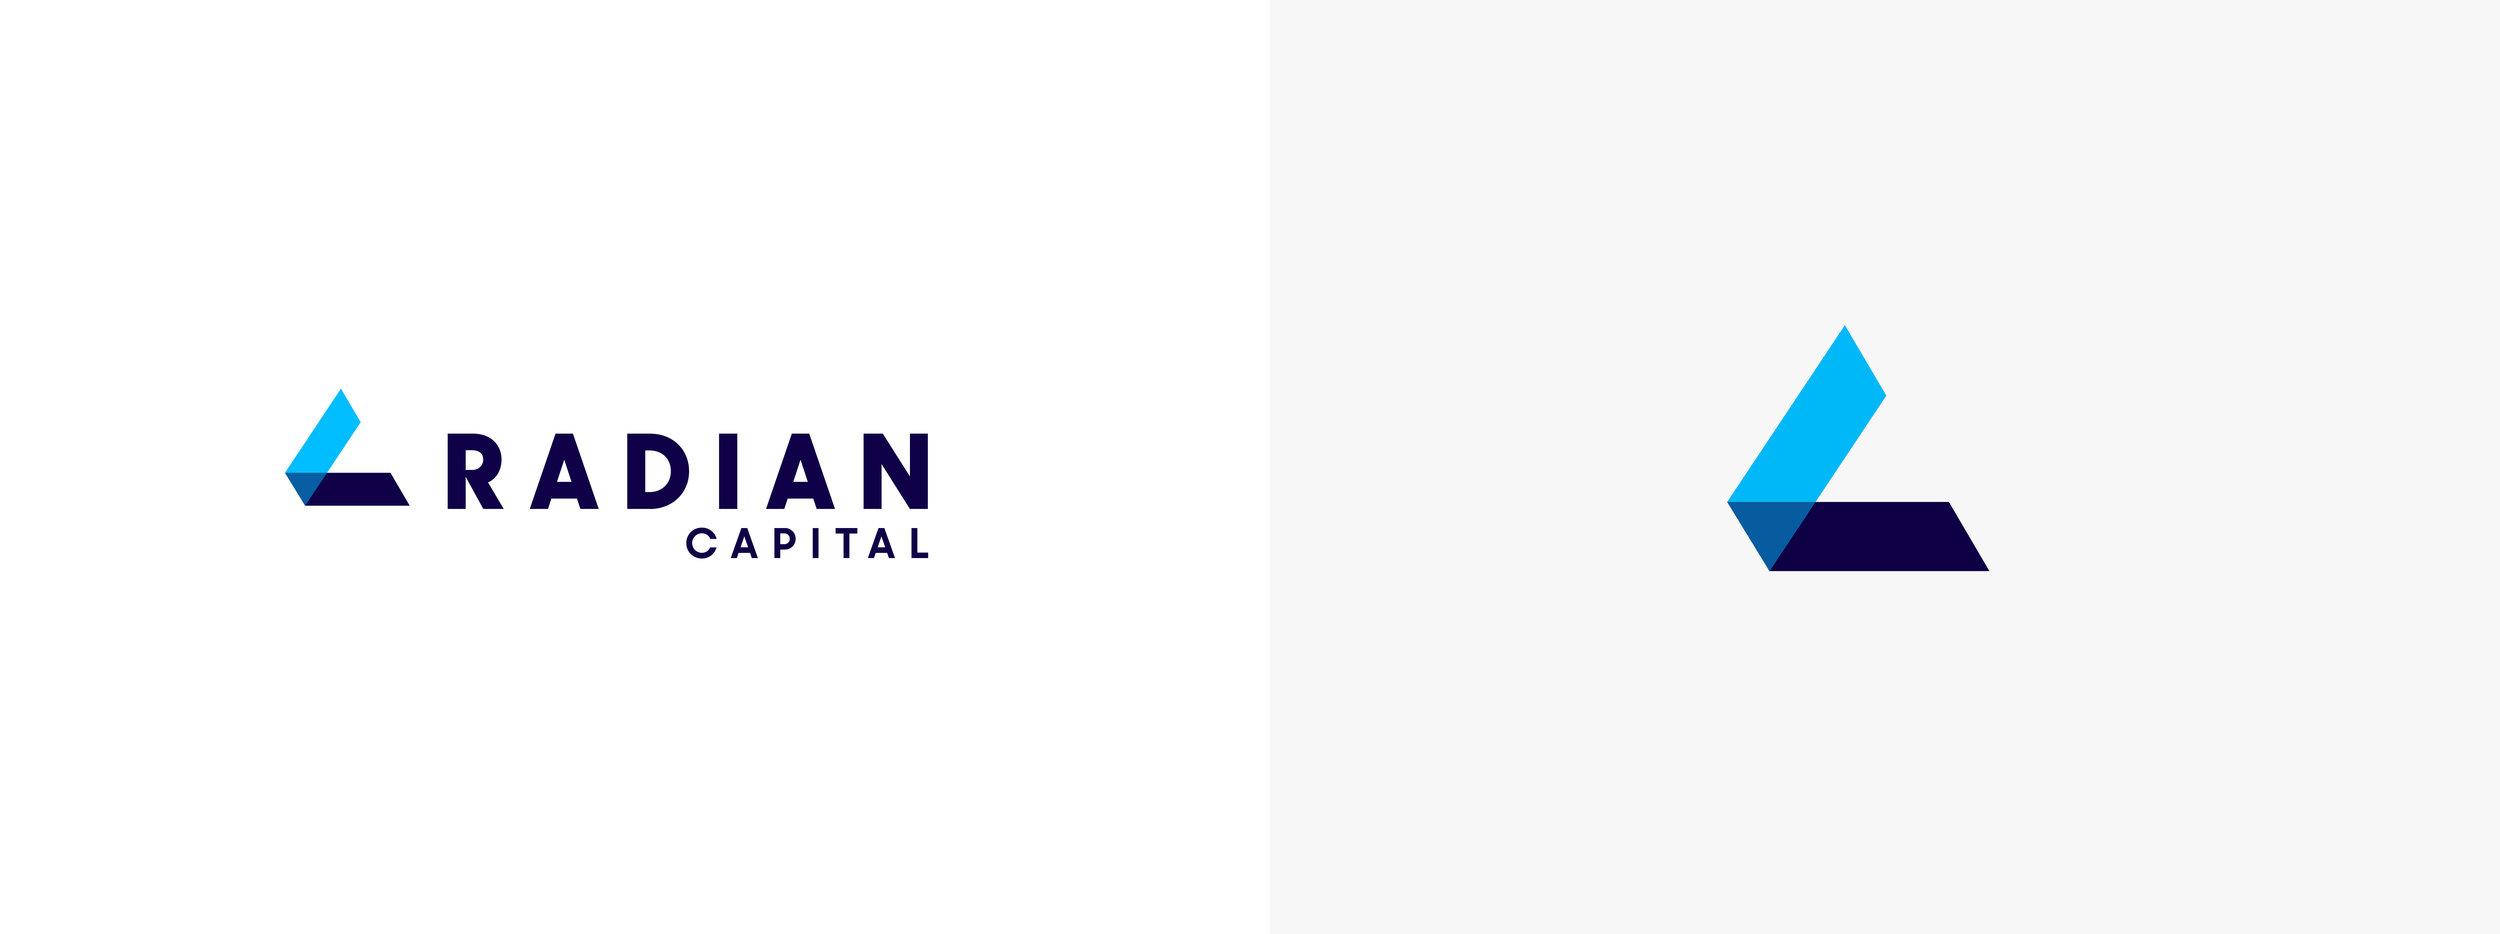 WBCG-Radian-Logo2.jpg